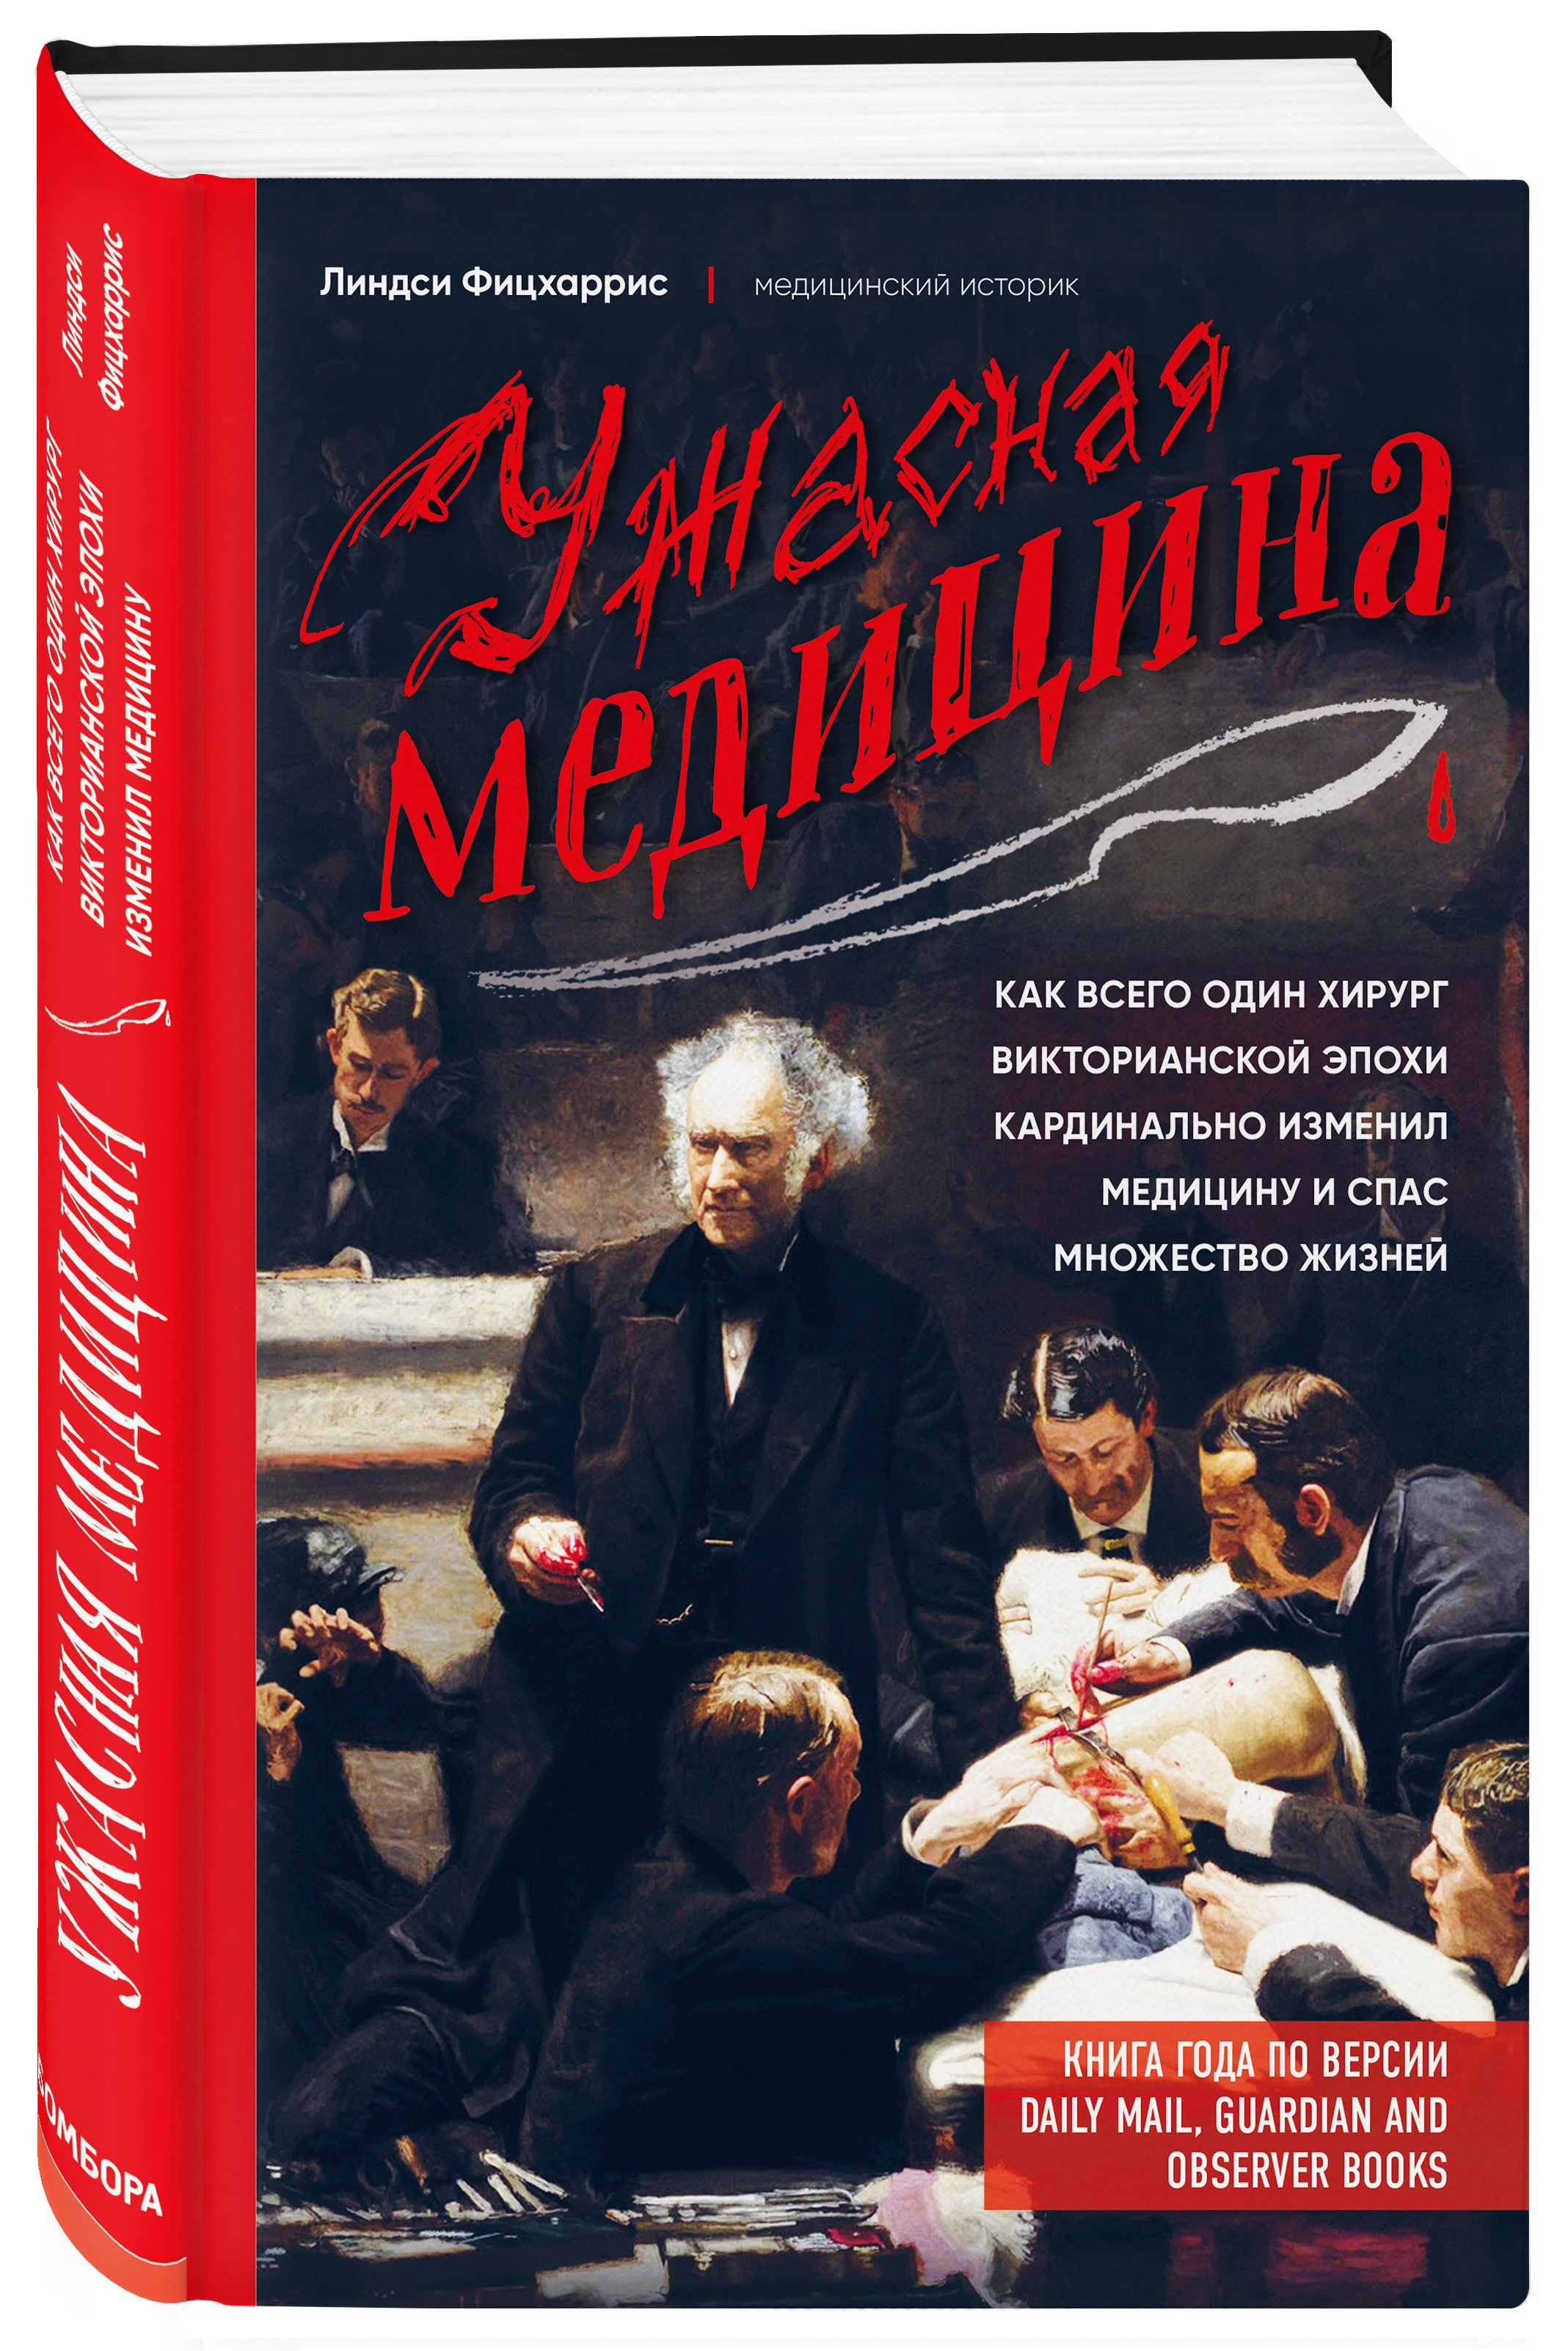 Ужасная медицина. Как всего один хирург викторианской эпохи кардинально изменил медицину и спас множество жизней (Фицхаррис Линдси)